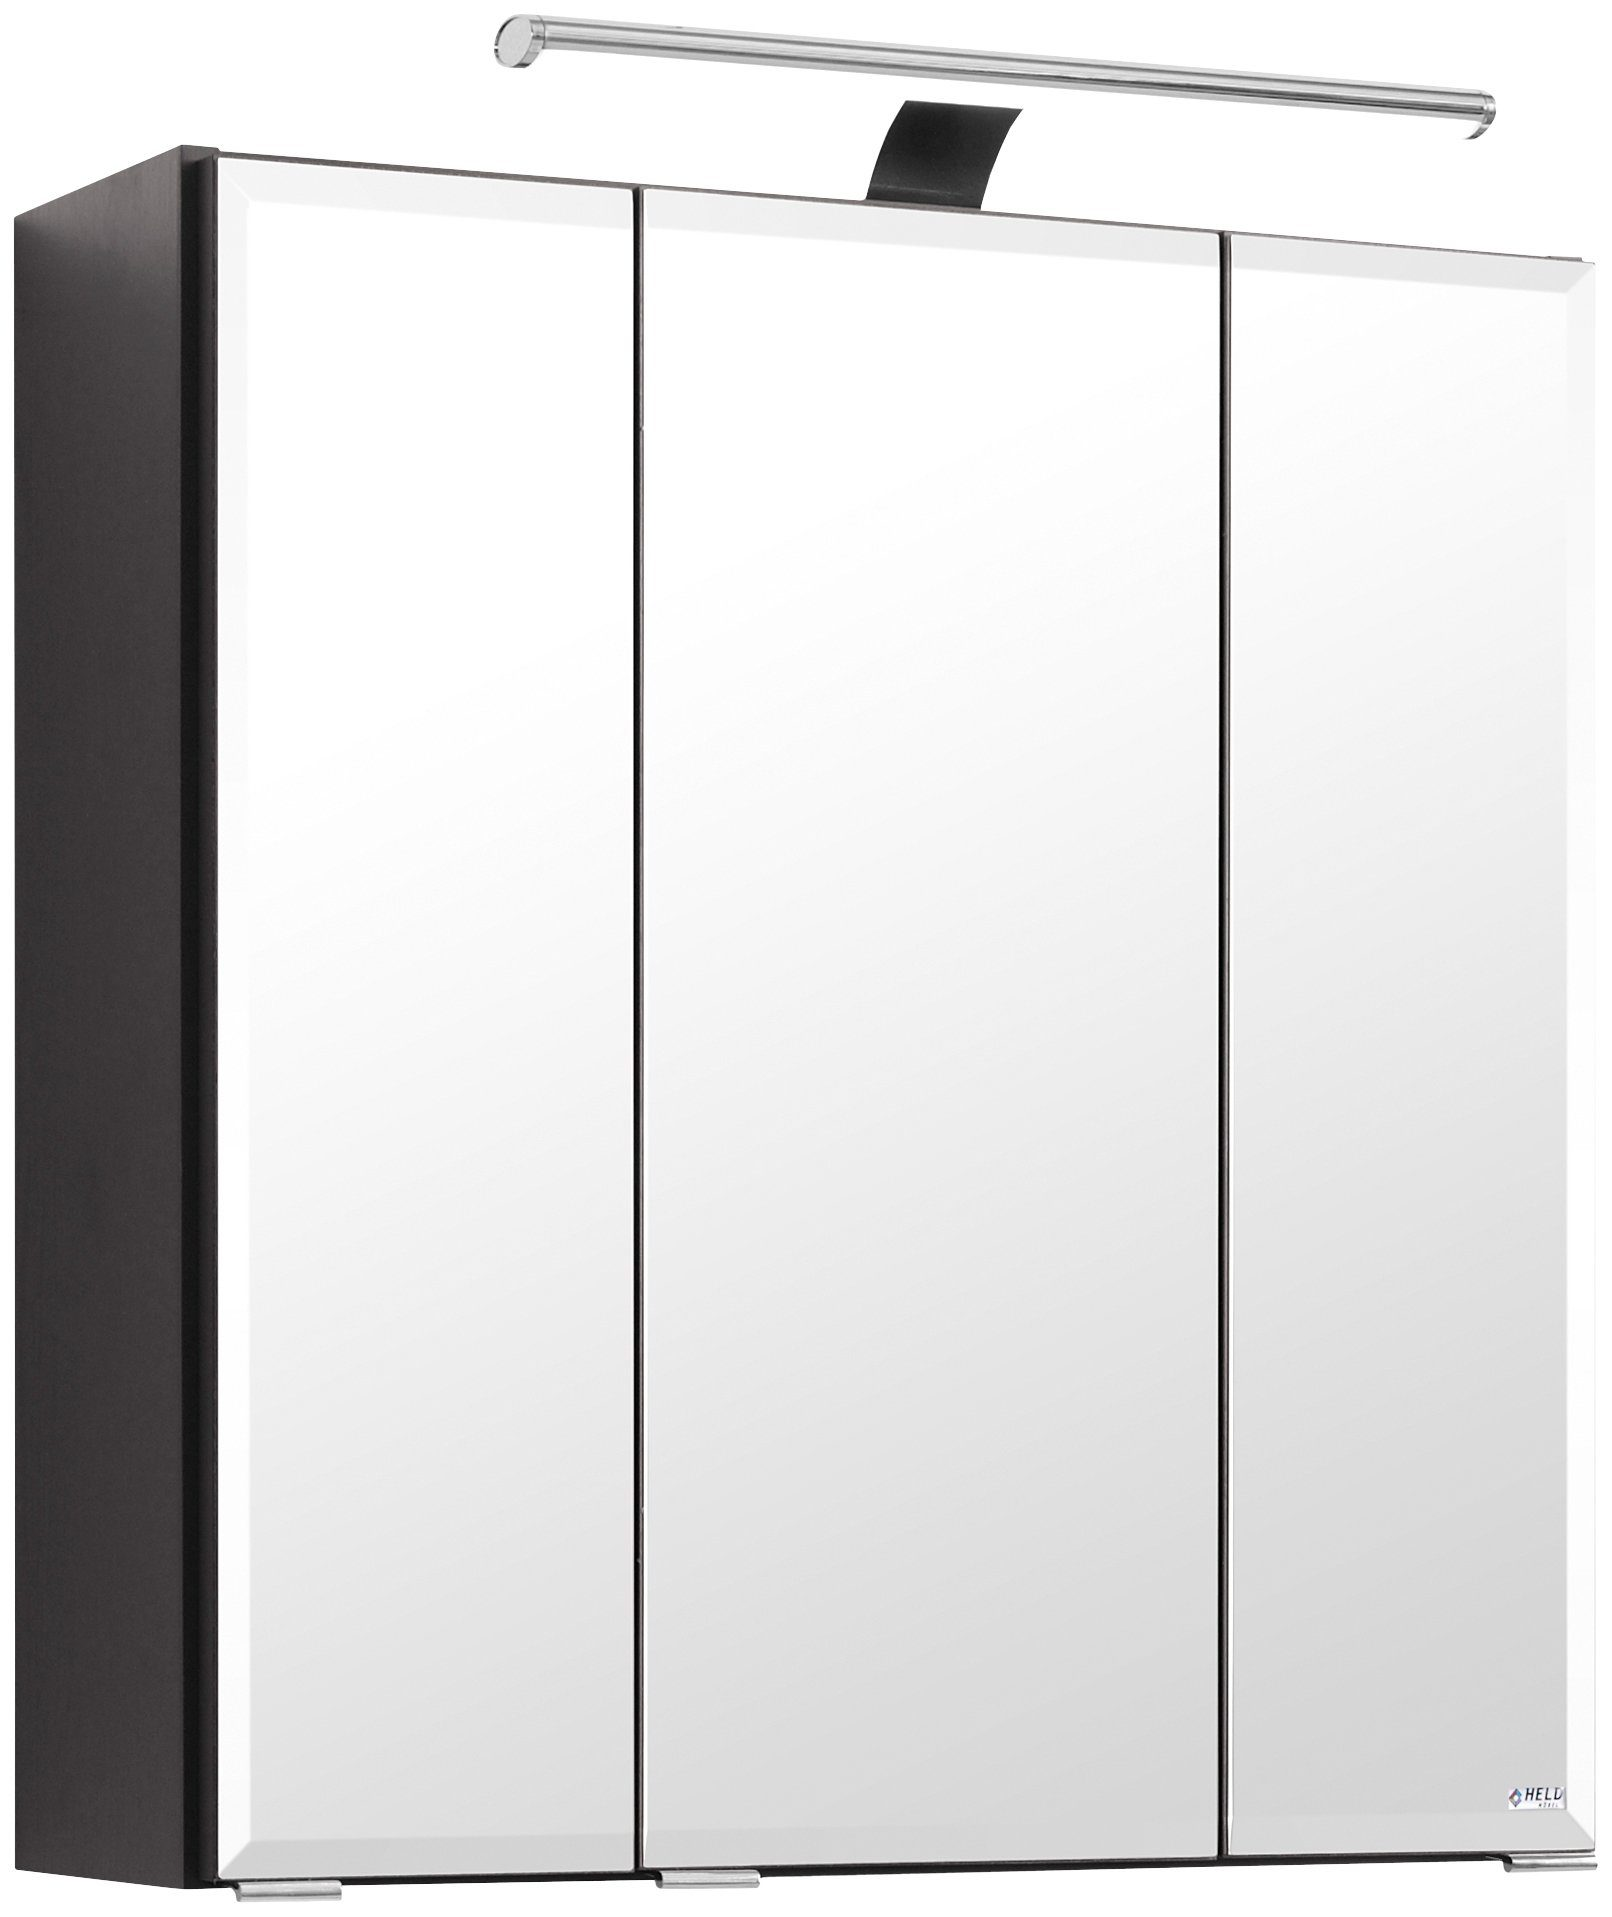 Spiegelschrank »Belluno« Breite 60 cm, mit LED-Beleuchtung